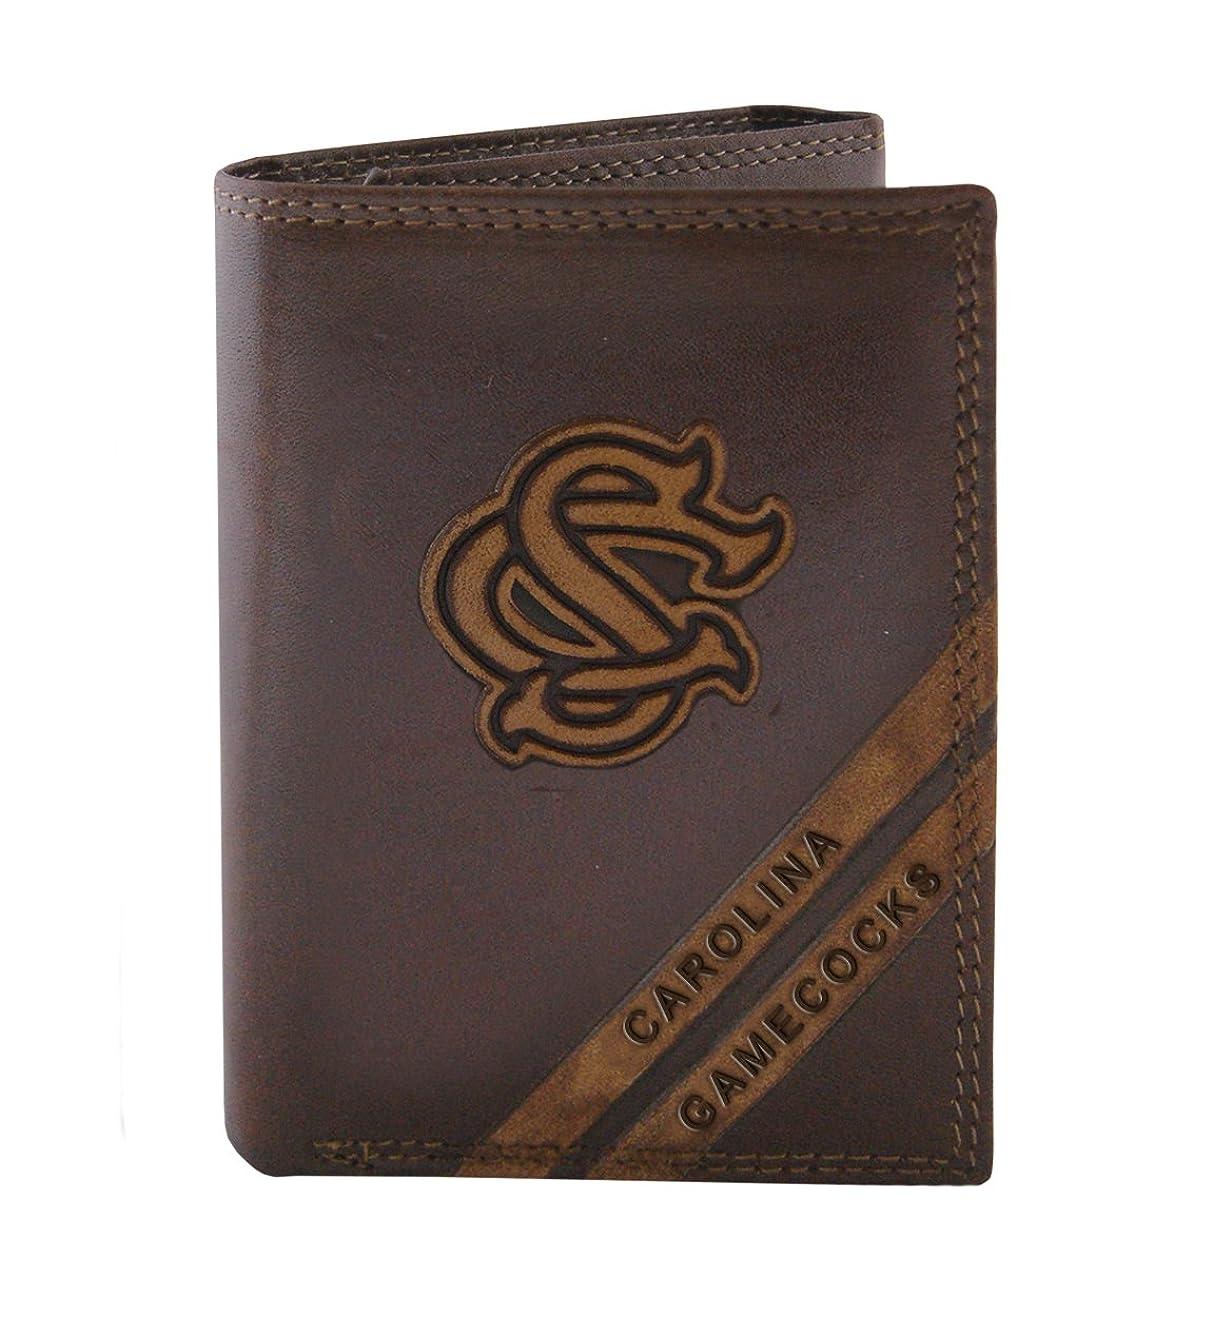 処理強調方程式NCAA South Carolina Gamecocks zep-pro pull-upレザー三つ折りエンボス財布、ブラウン